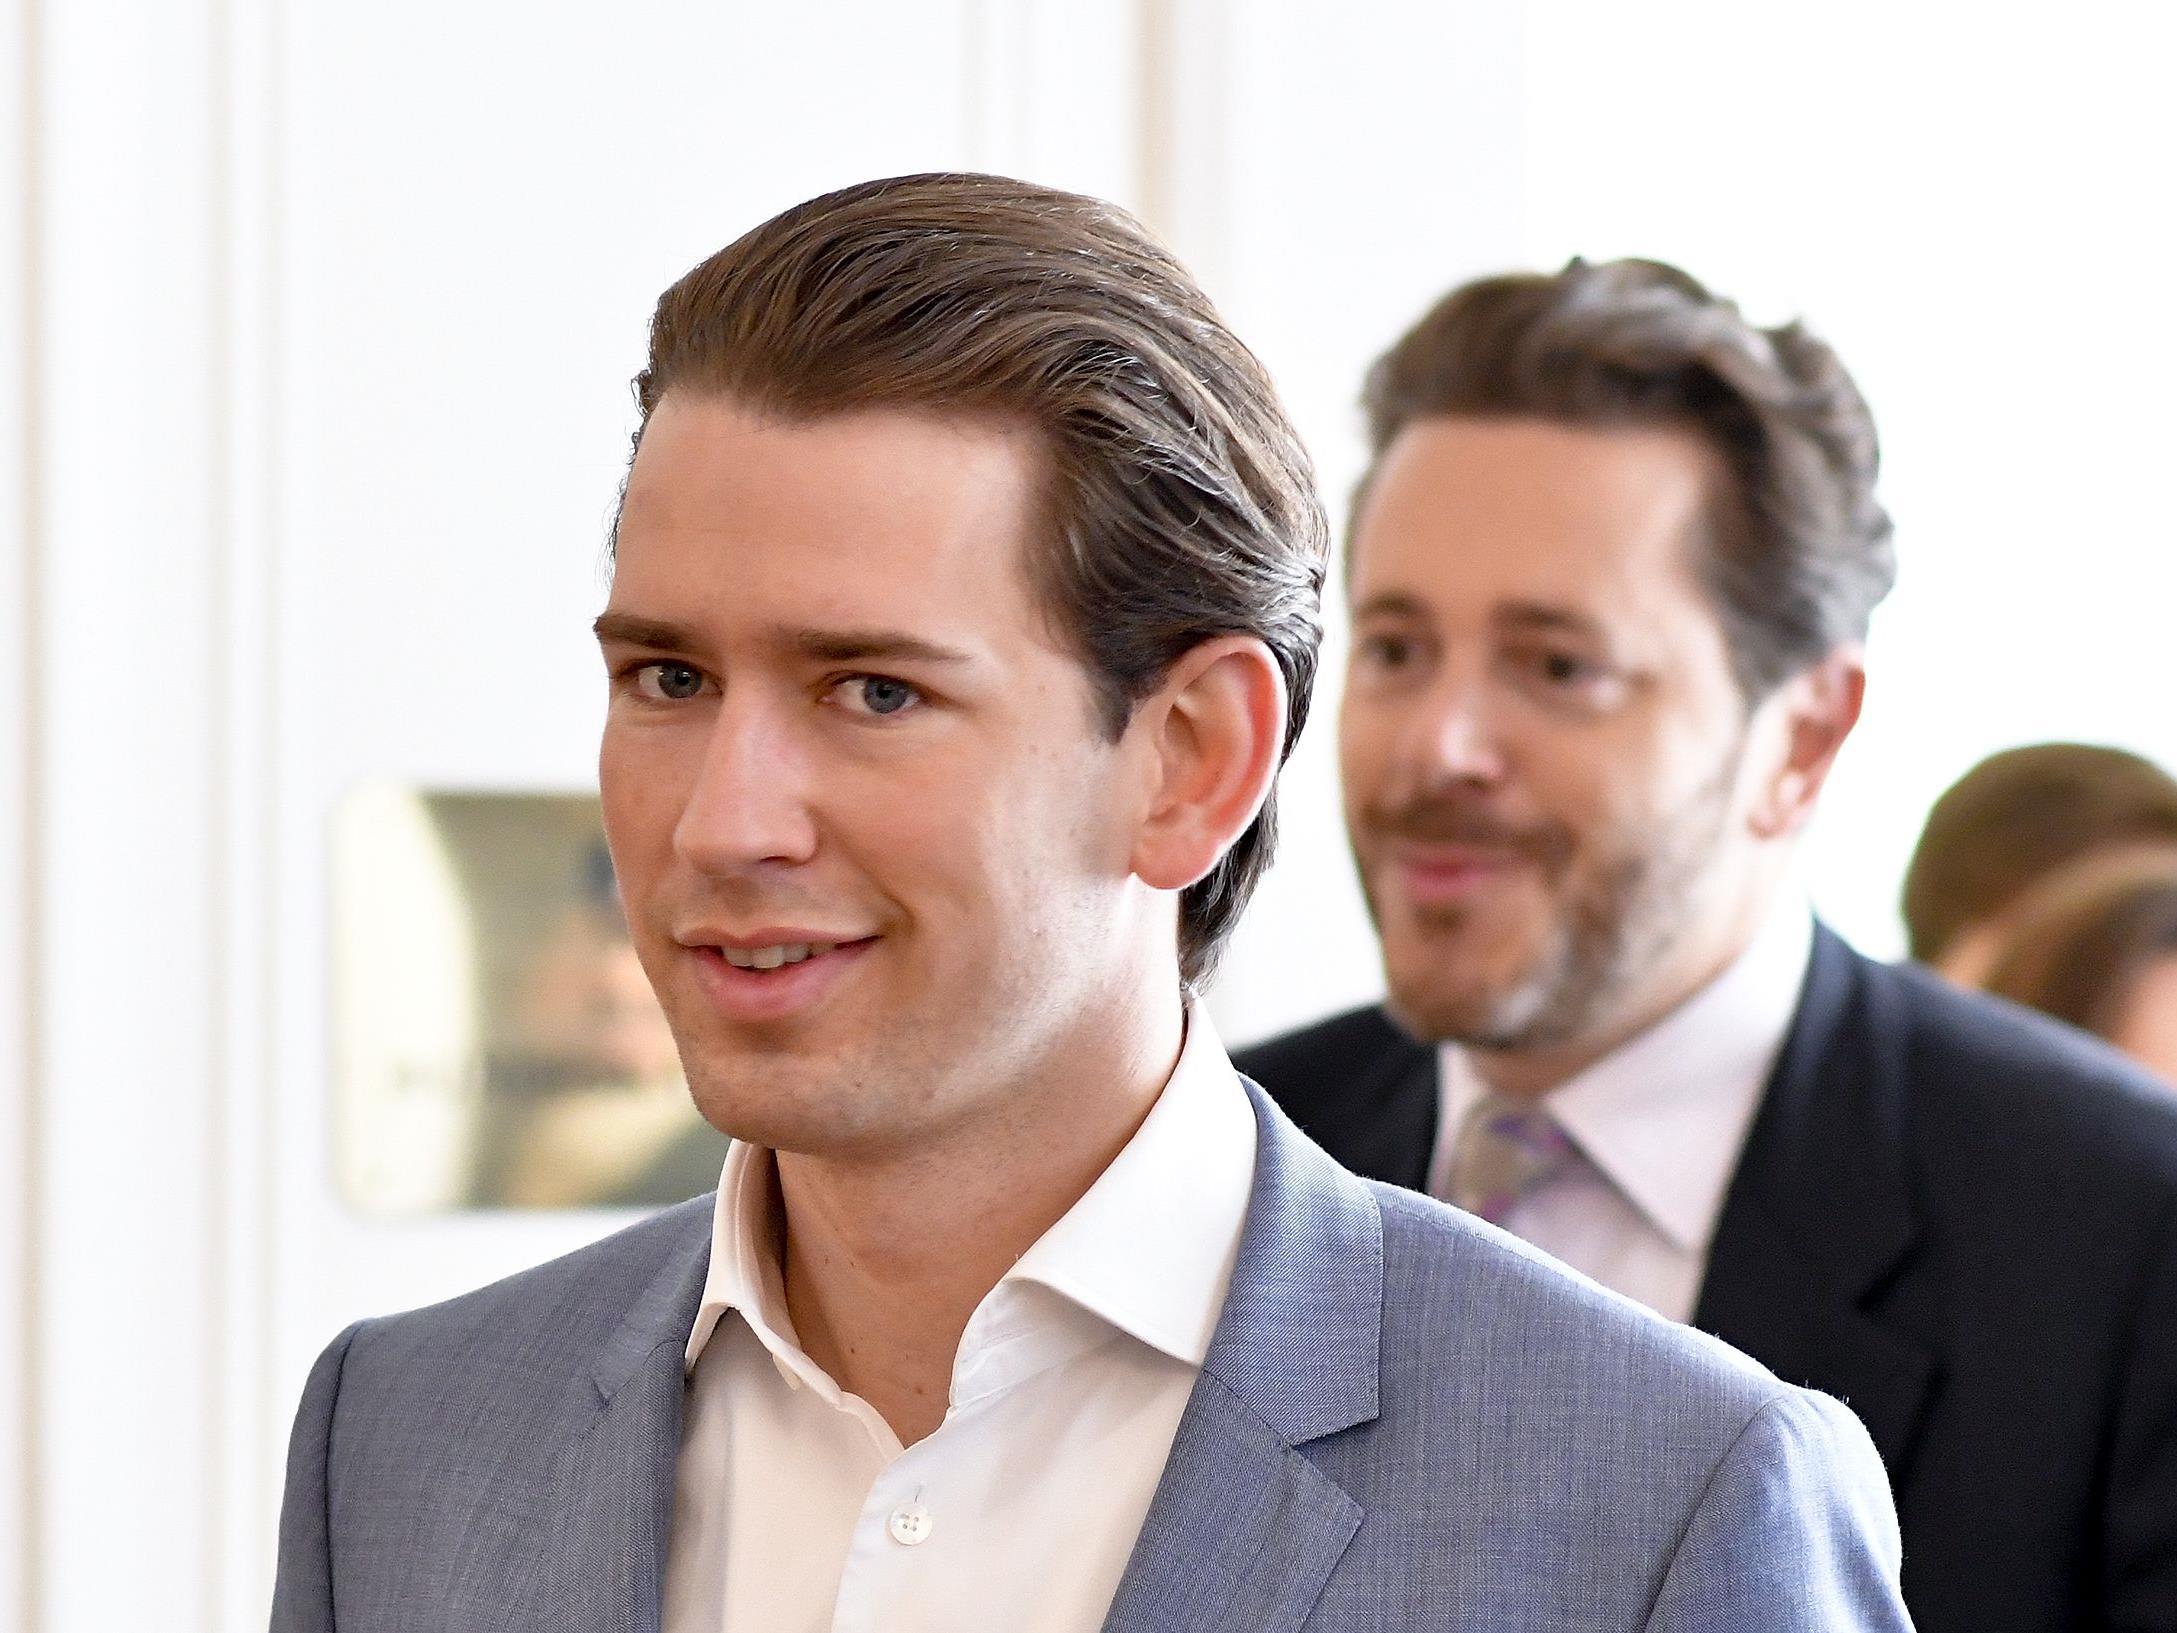 ÖVP-Chef Sebastian Kurz wird vom grünen Verkehrssprecher Georg Willi scharf kritisiert.